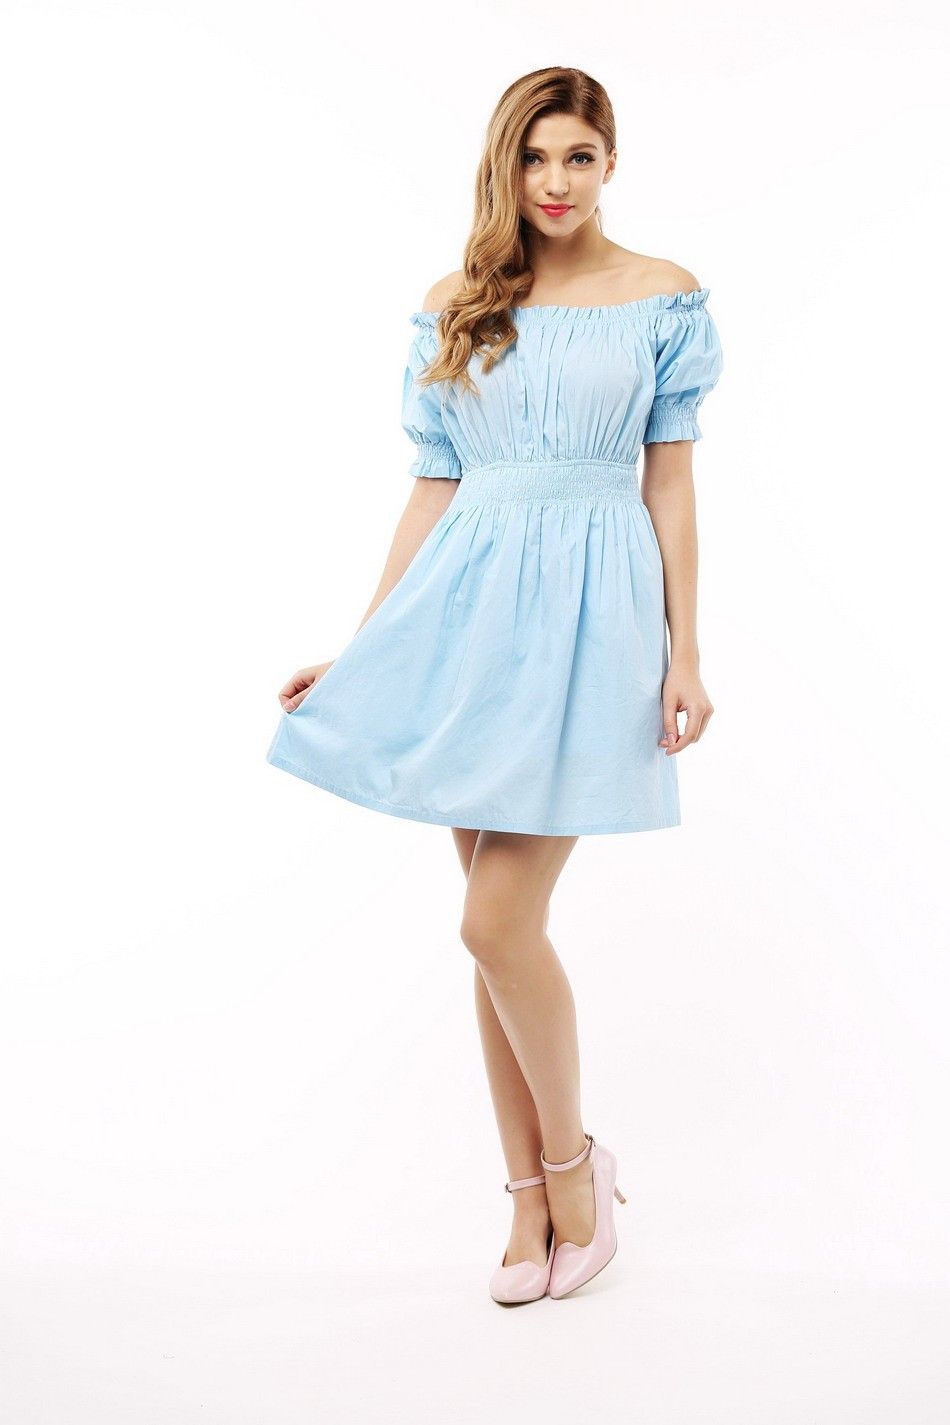 100% bawełna nowy 2017 jesień lato kobiety dress krótki rękaw casual sukienki plus size vestidos wc0380 13